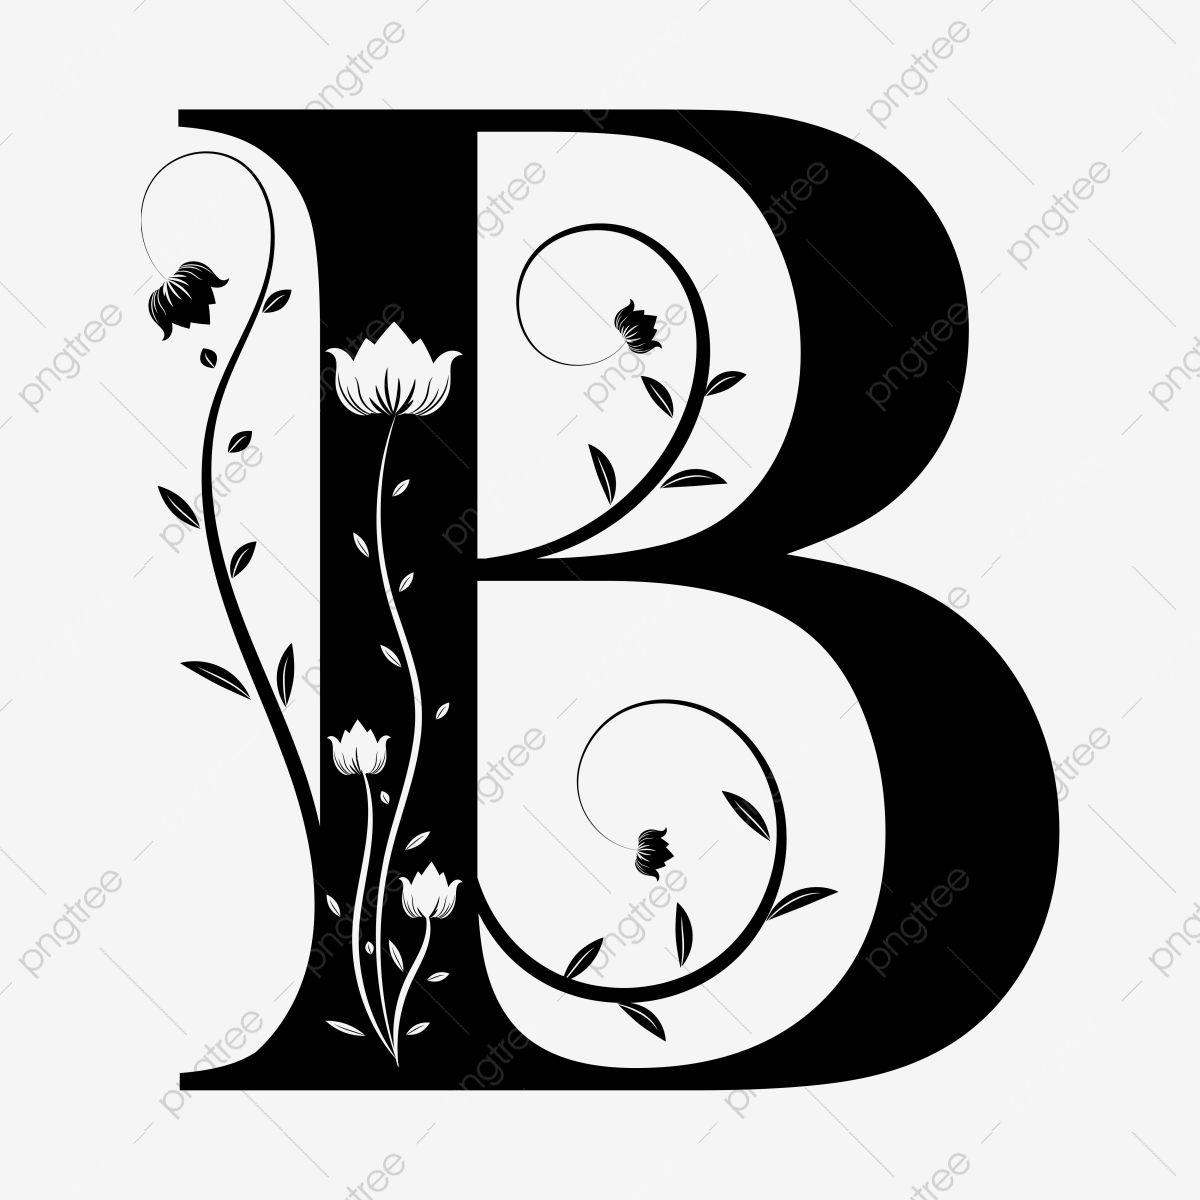 Alphabet Lettre B A Ornements Vendange Lettre Un Clipart La Lettre B Lettre De L Alphabet Png Et Vecteur Pour Telechargement Gratuit In 2021 Lettering Alphabet Letter B Lettering